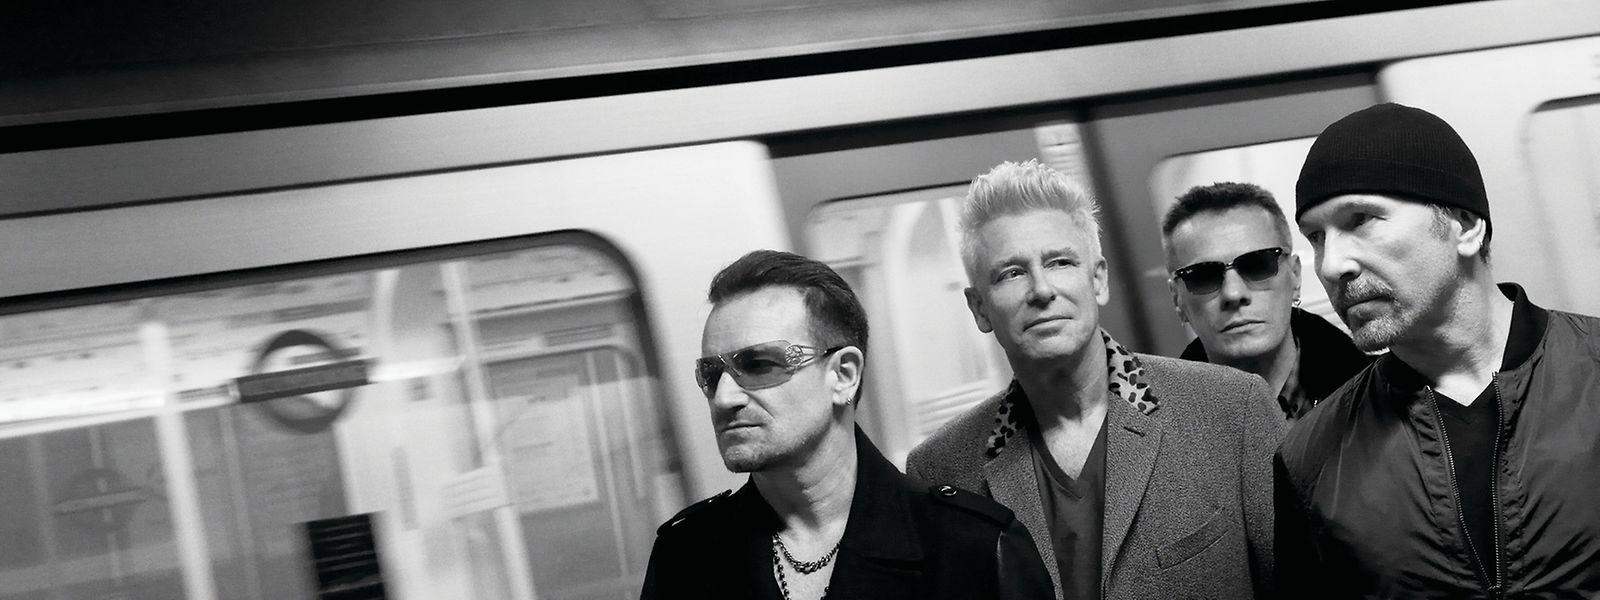 """Die ewigen Stationrocker U2 planen neben einem Album eine große Tour zu Ehren von 30 Jahren """"The Joshua Tree""""."""